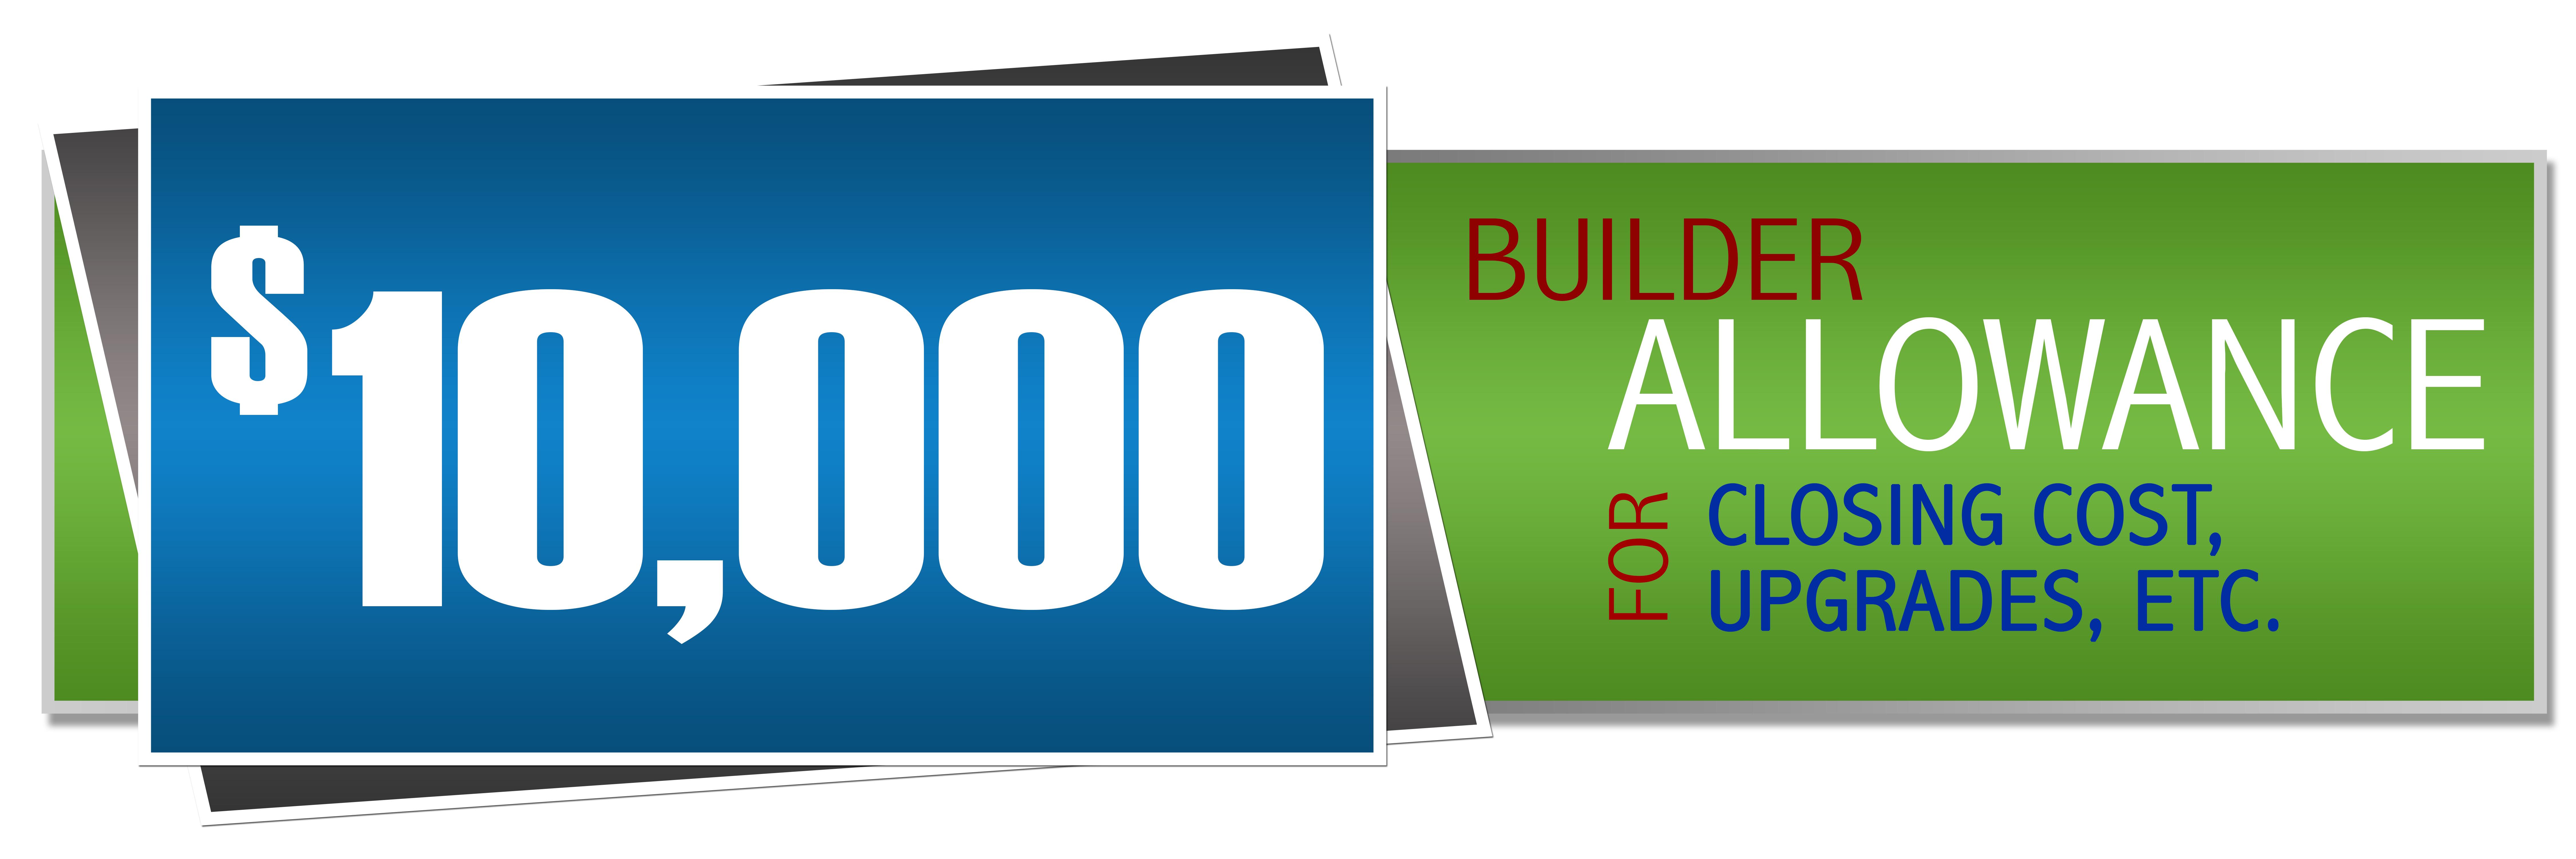 Builder Allowance